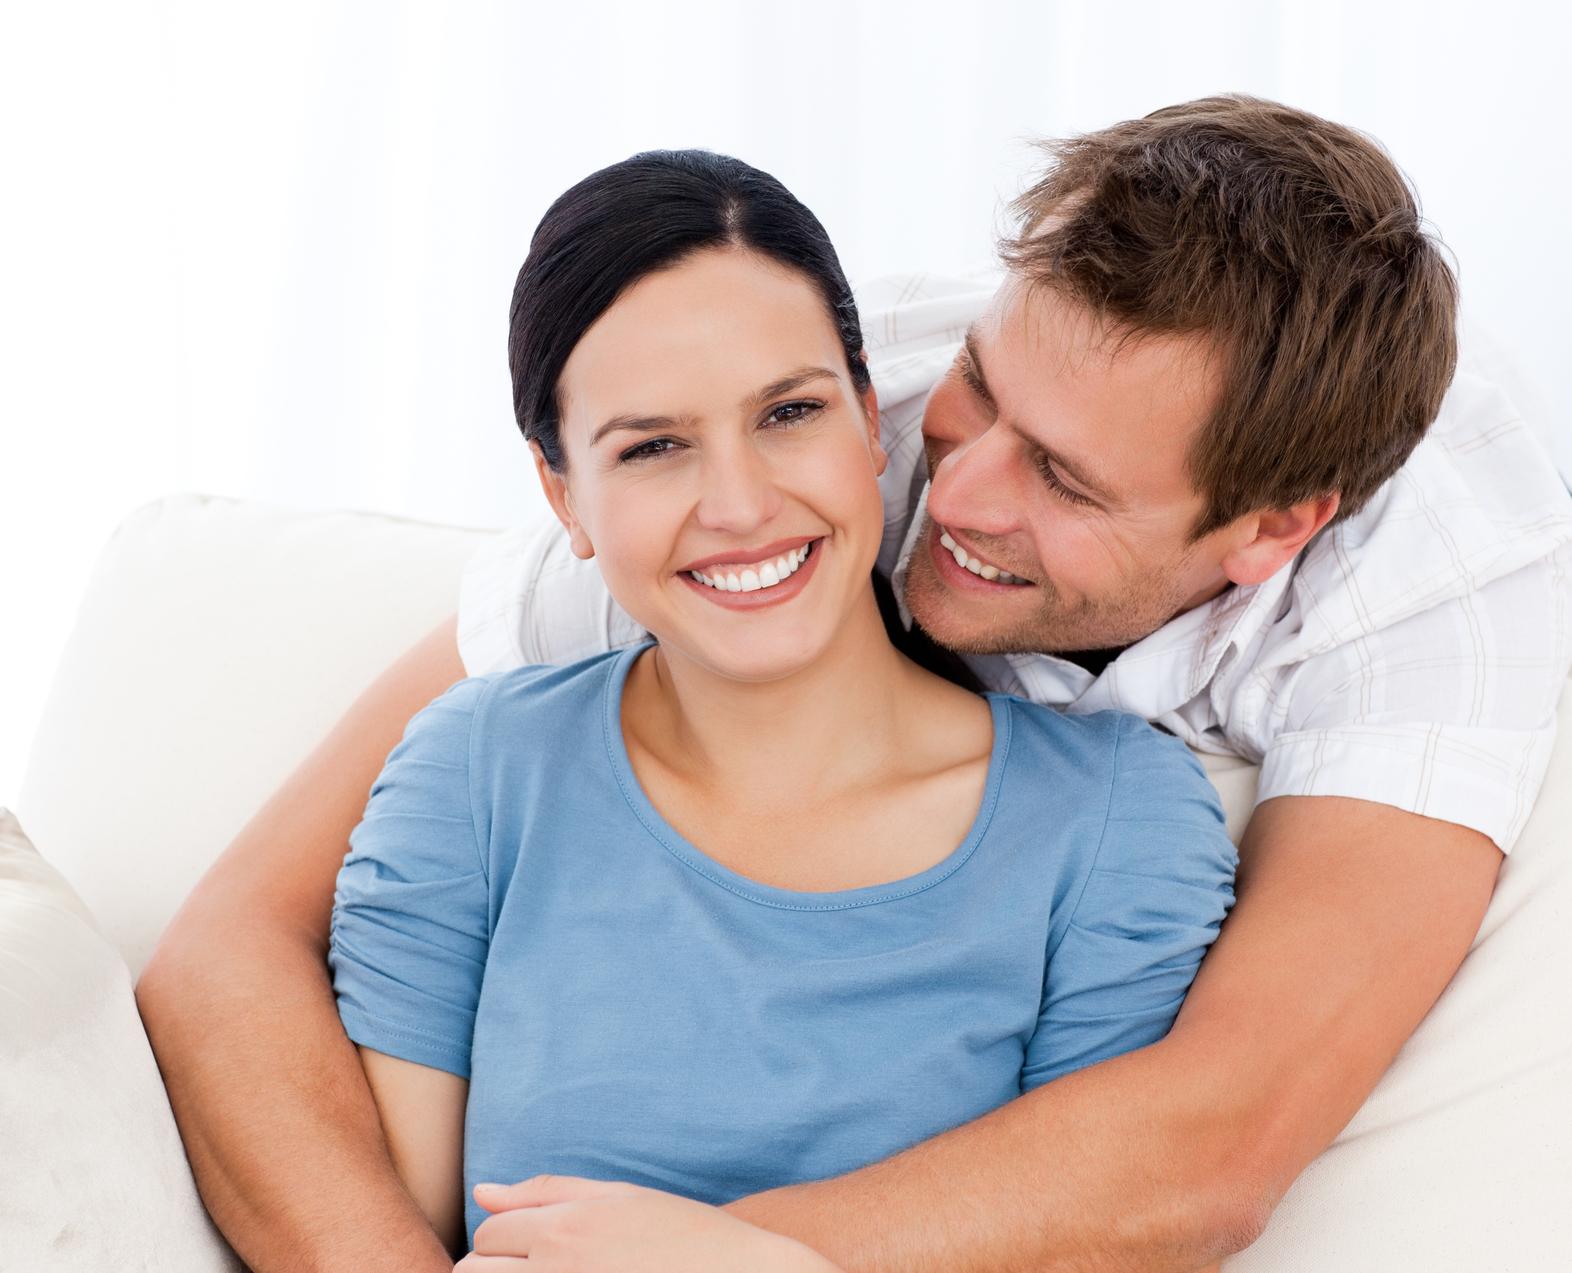 во время секса выделяется гормон: